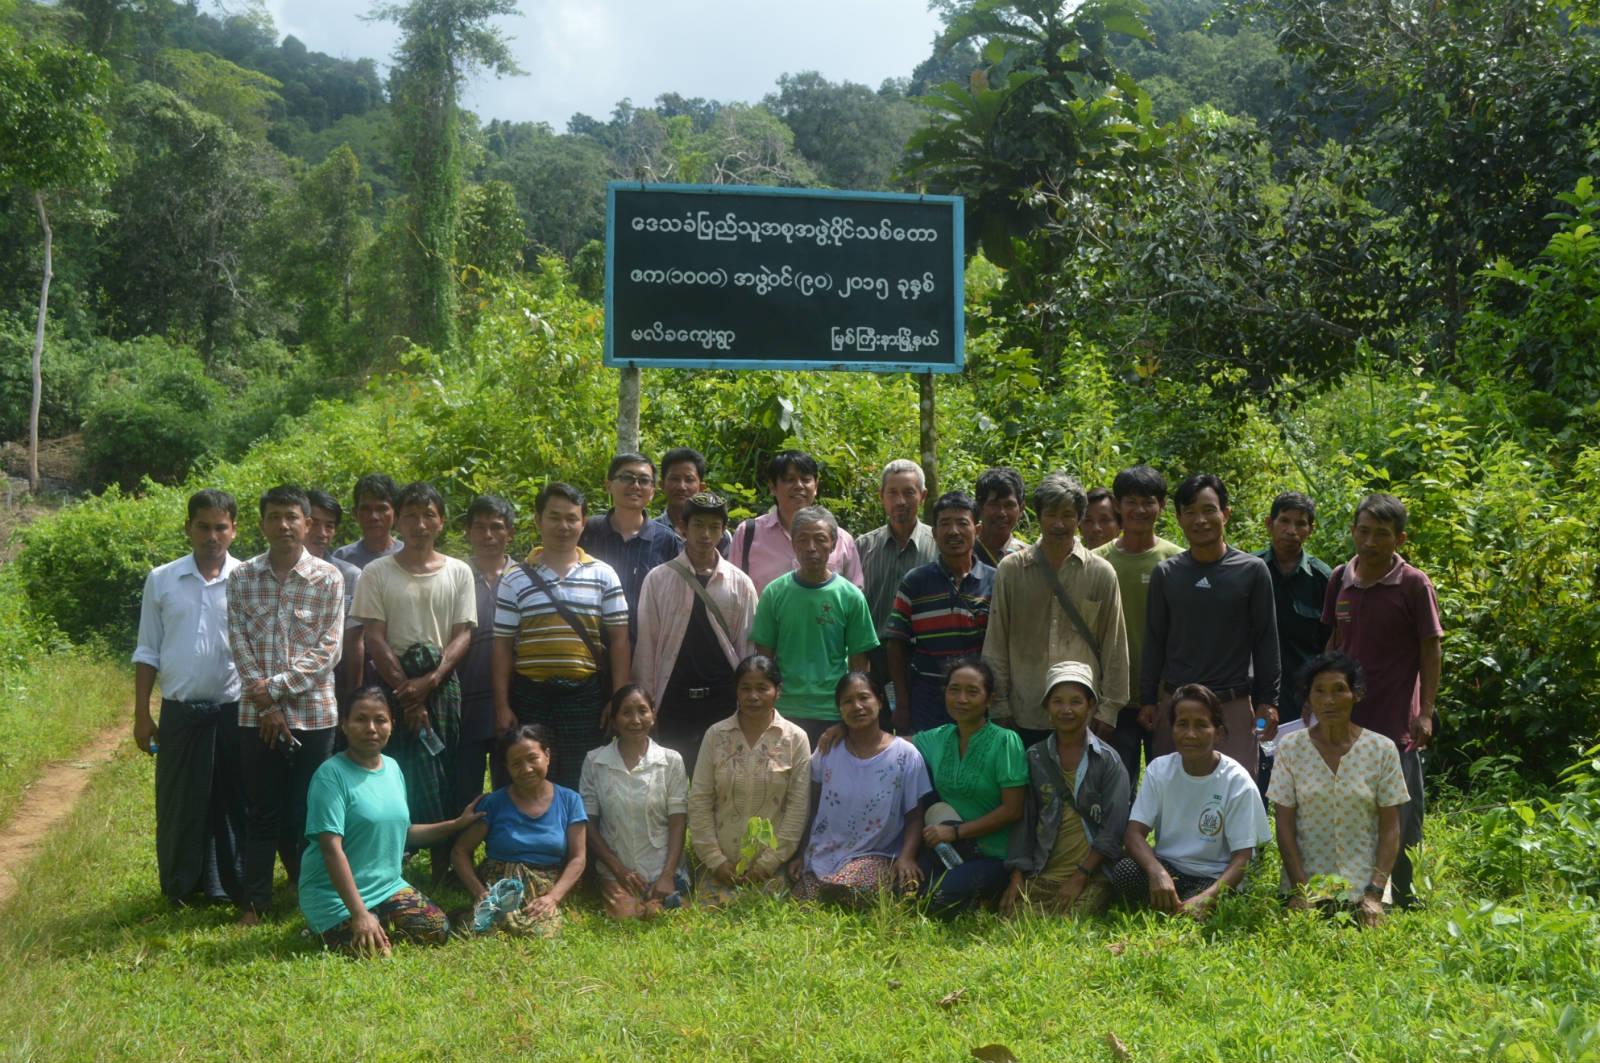 作者(後排左八)與緬甸當地社區森林小組成員合照